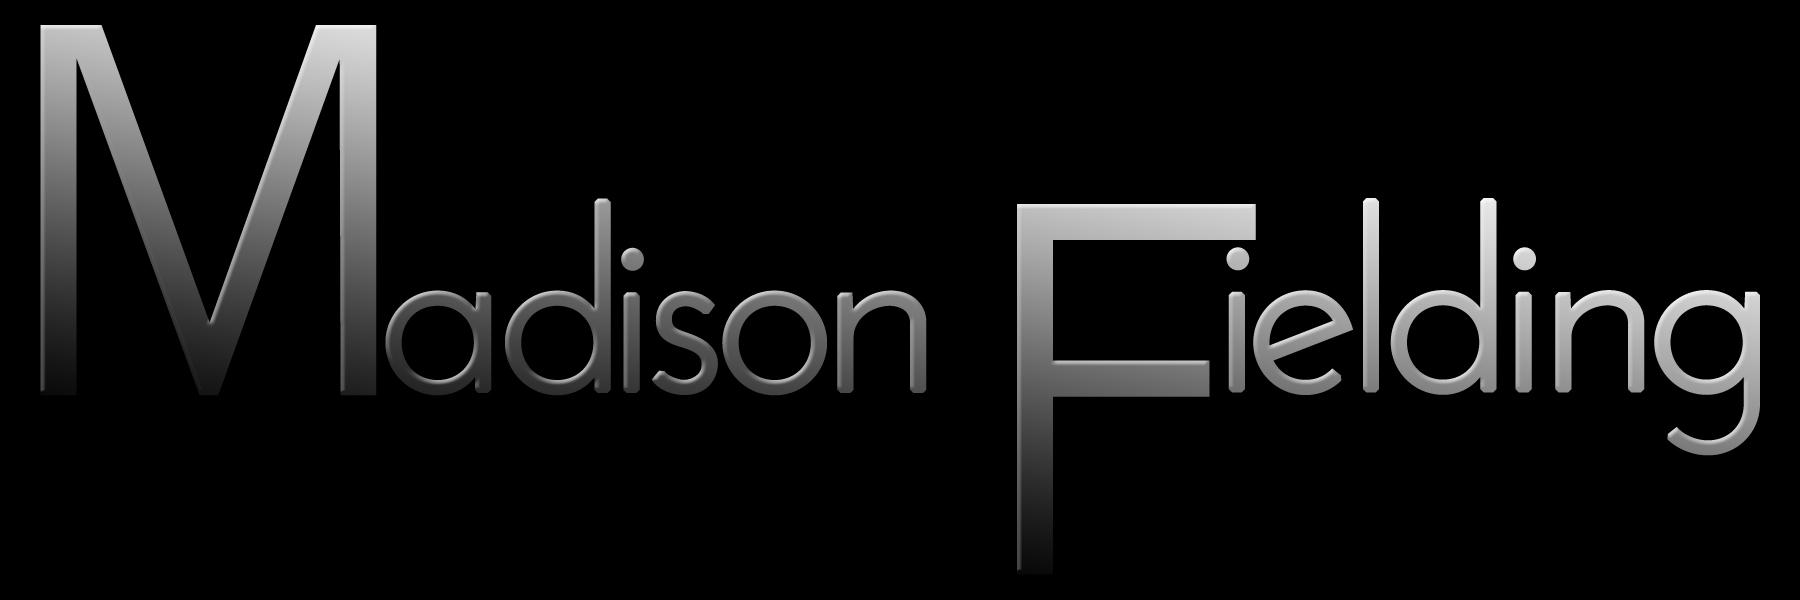 Logo-Madison_Fielding_black-bg.jpg